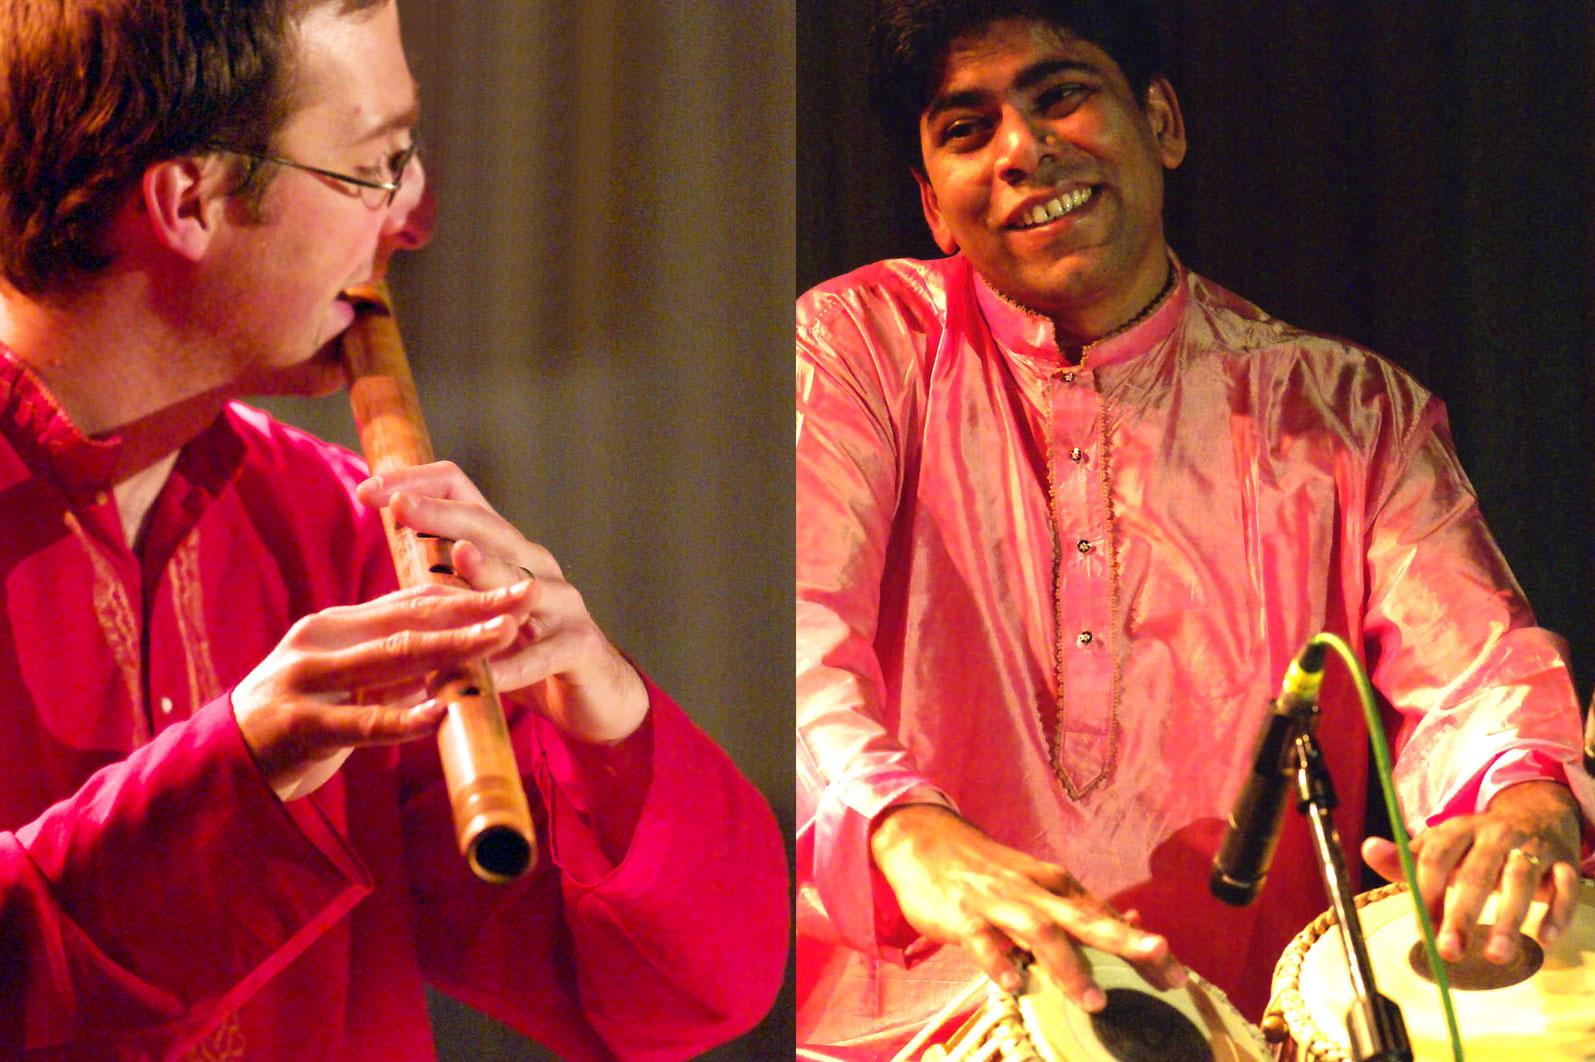 Fabian Beghin et Suman Sarkar présentent un duo de musique indienne